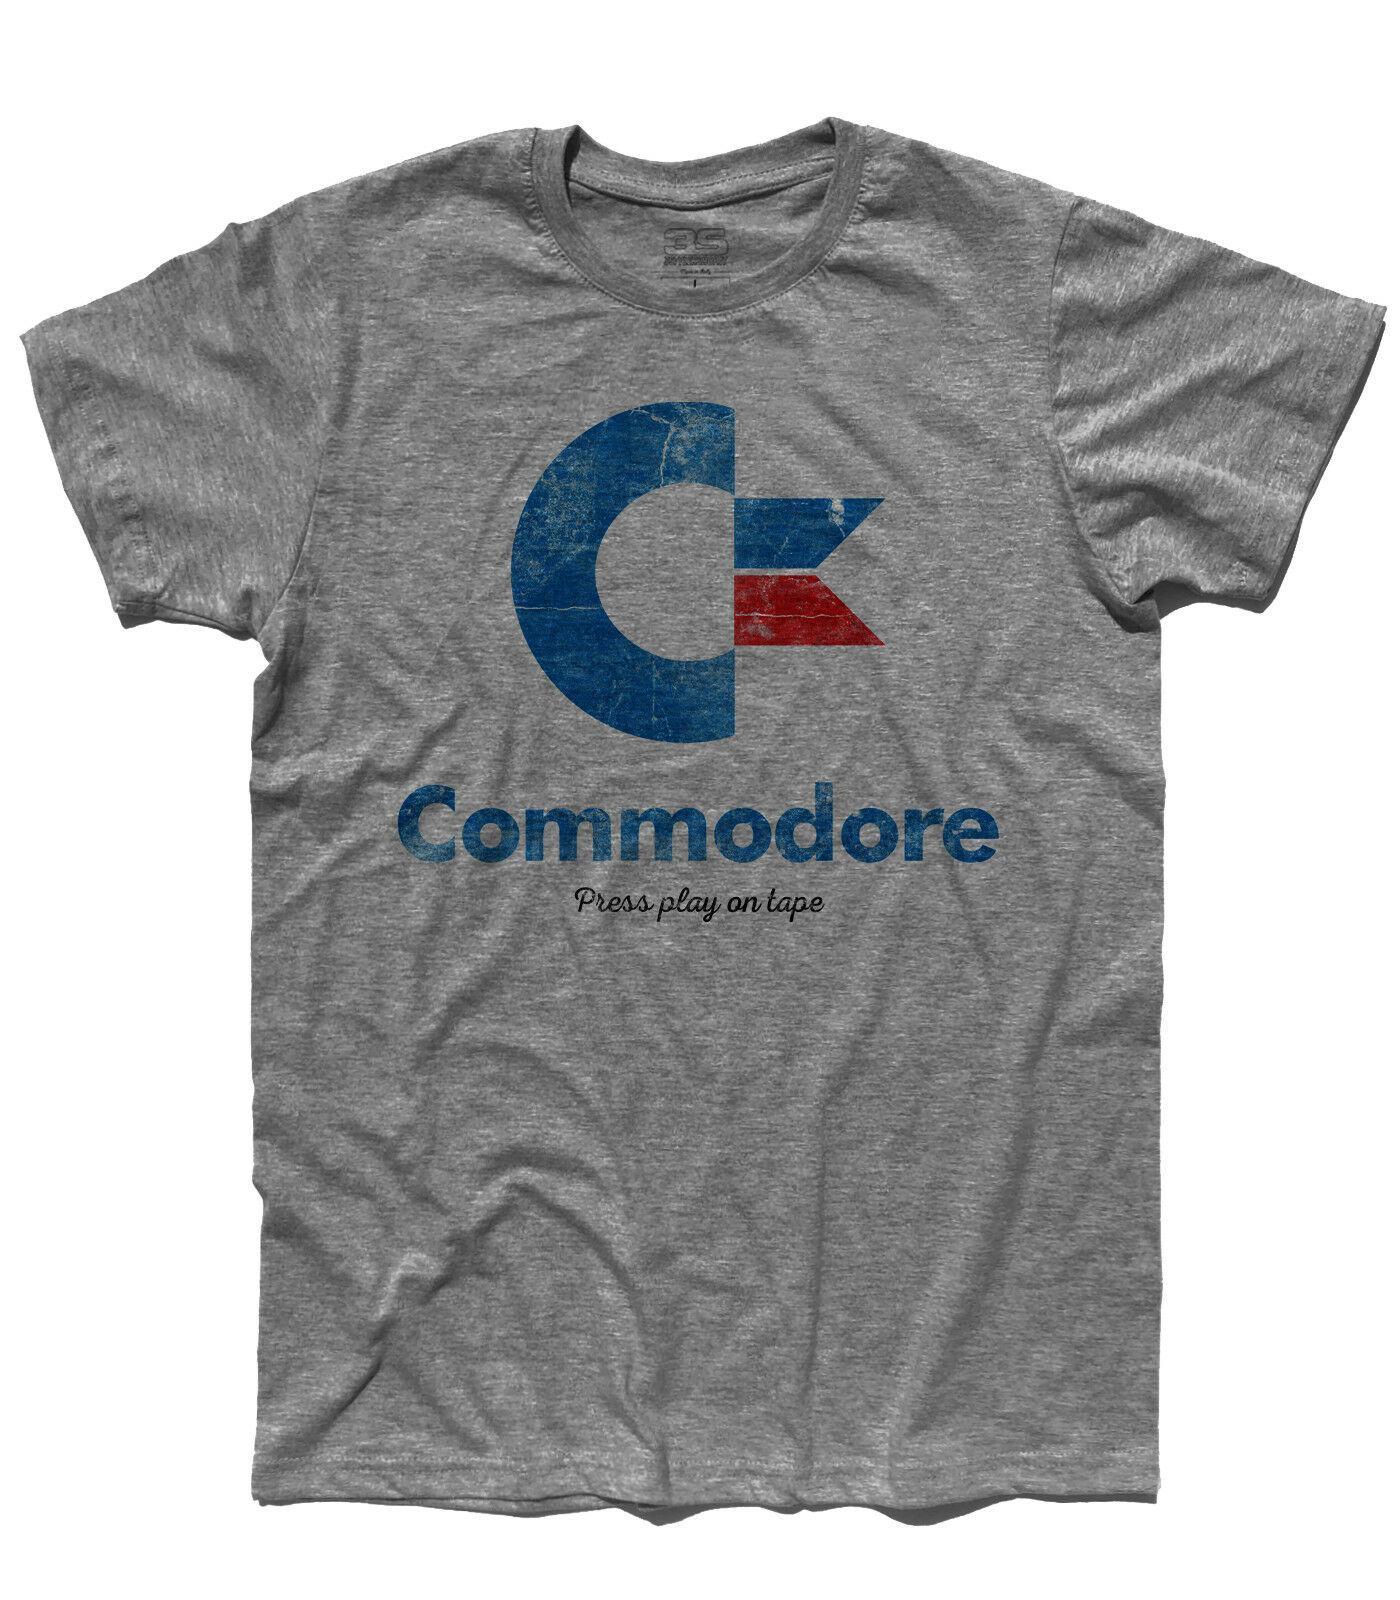 T camisa logotipo commodore antichizzato imprensa jogar na fita do computador em casa